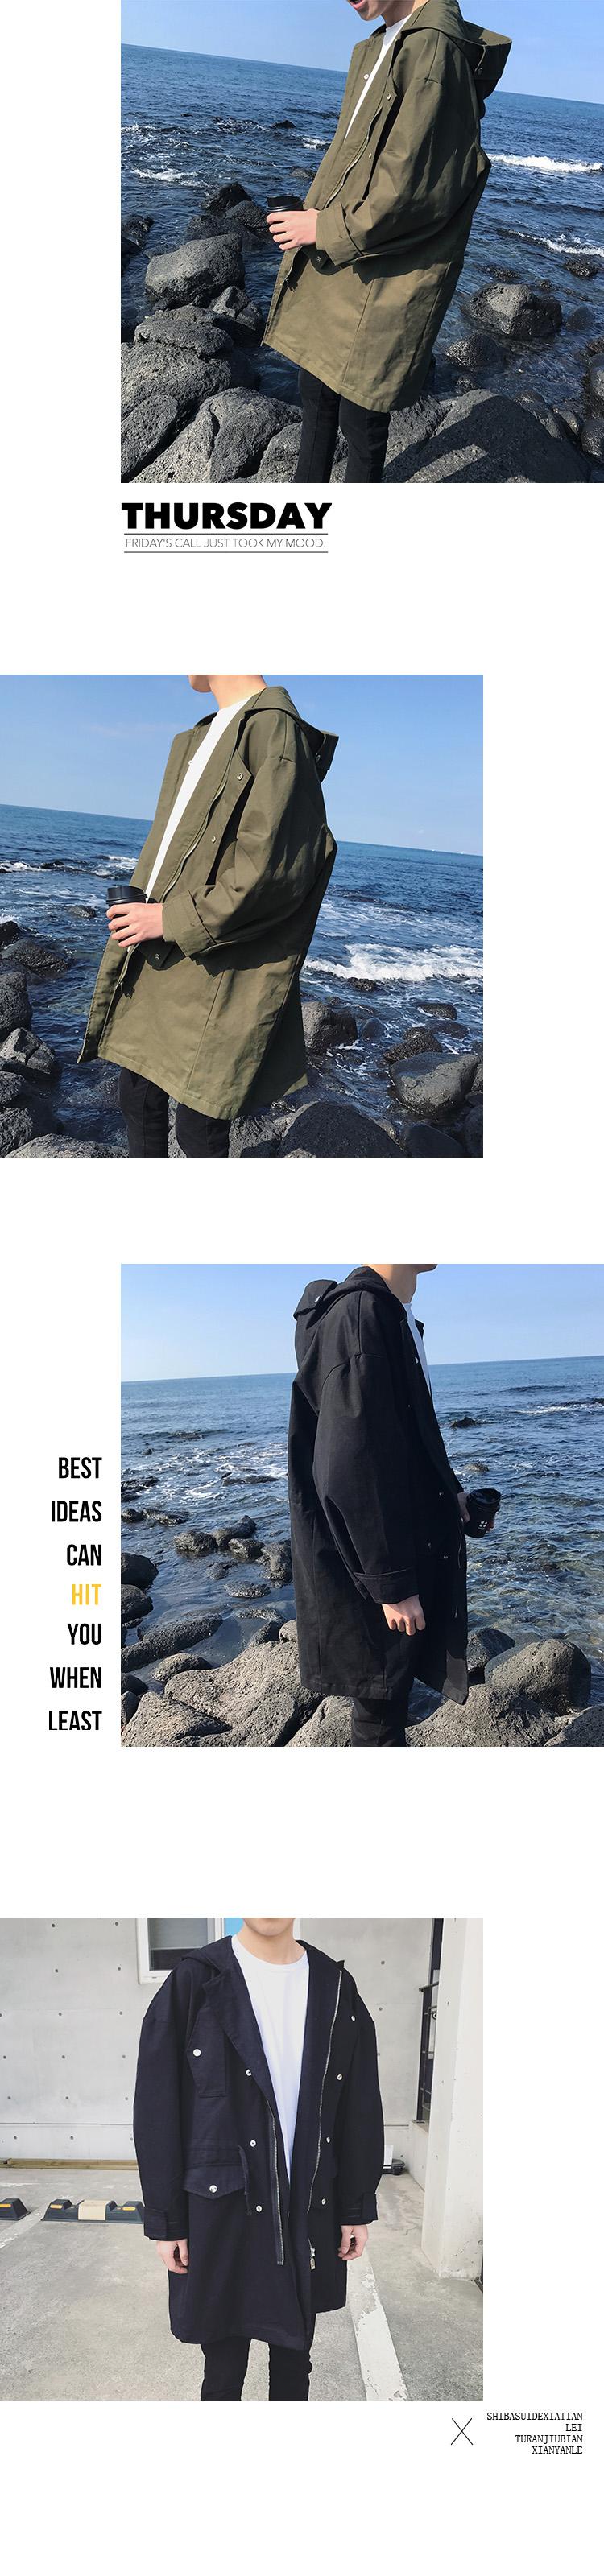 Gà chiên trông tốt ~ mùa xuân nạp vai dài trùm đầu áo khoác đẹp trai dụng cụ phù hợp với phiên bản Hàn Quốc của áo gió mỏng lỏng thủy triều